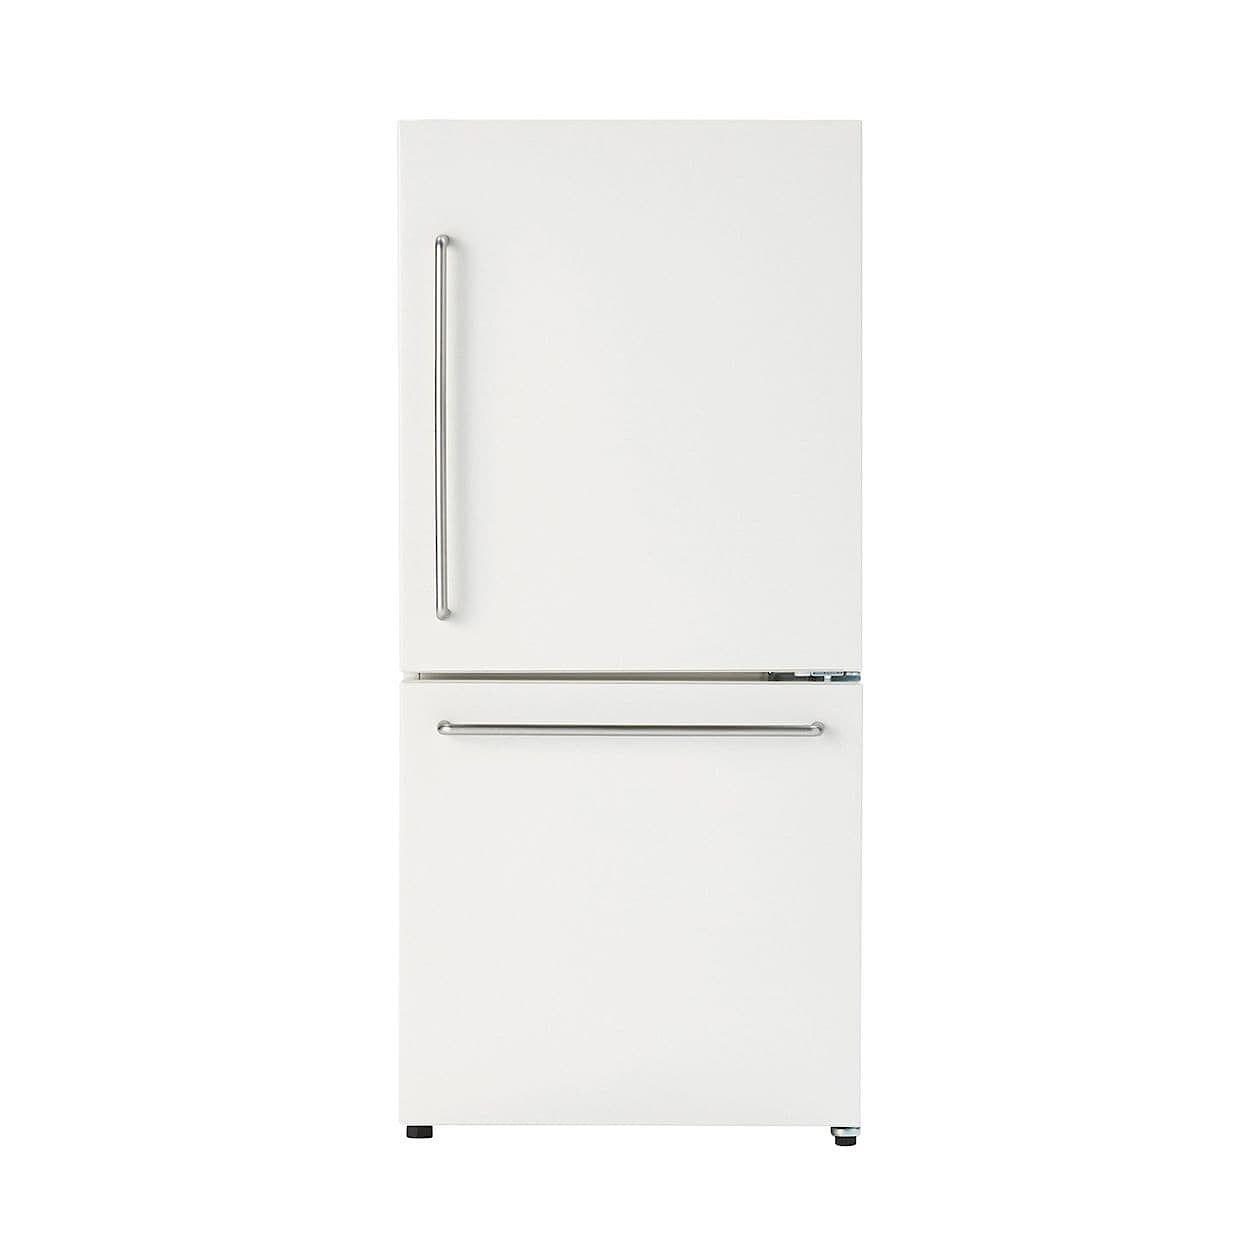 無印良品 冷蔵庫 137L (中古品)